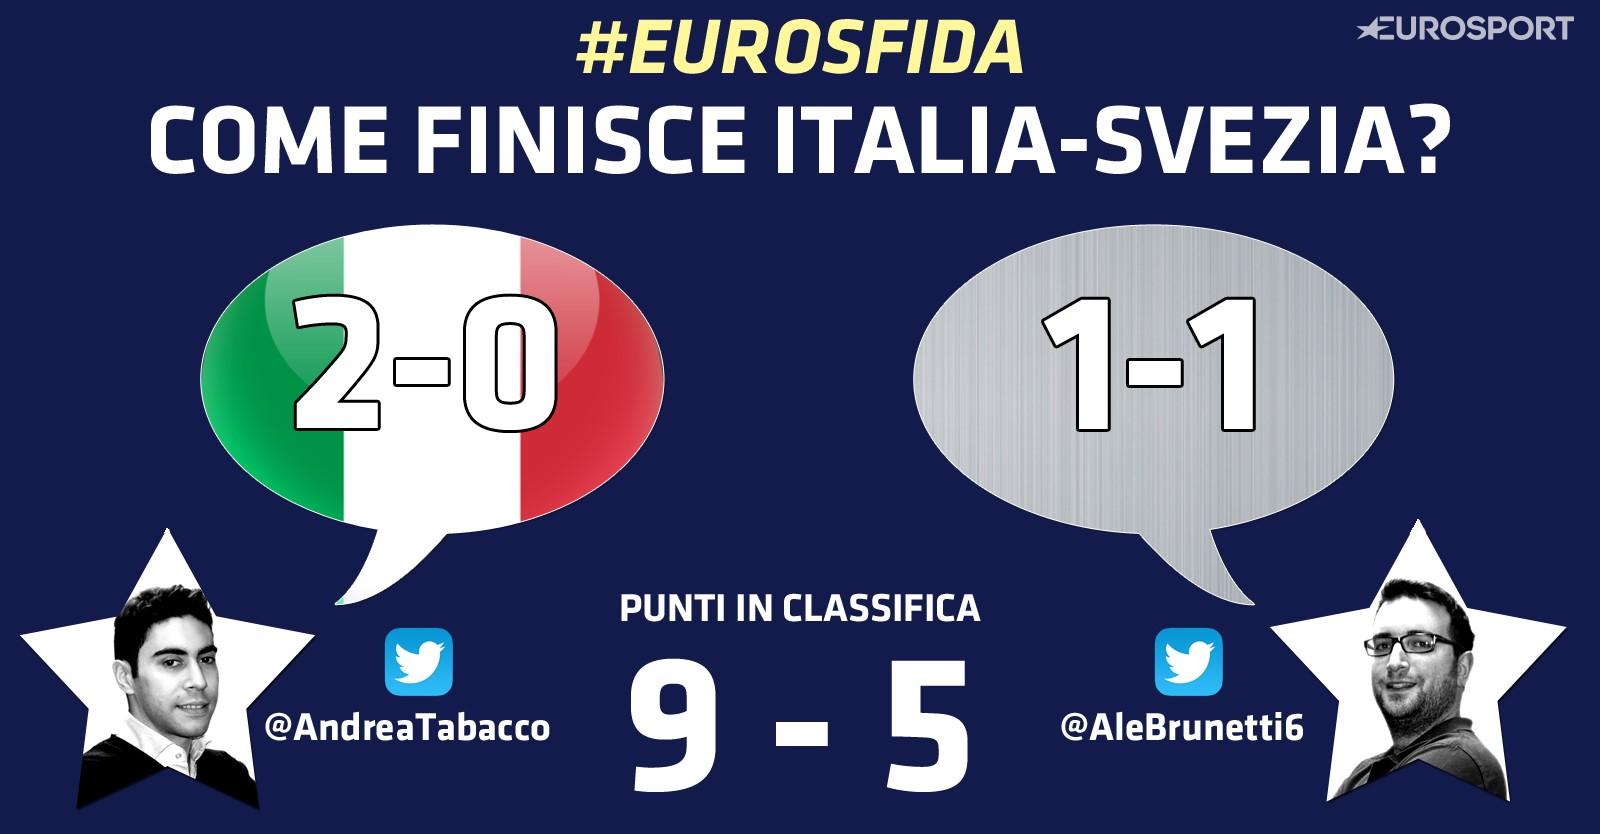 Eurosfida Italia-Svezia 3